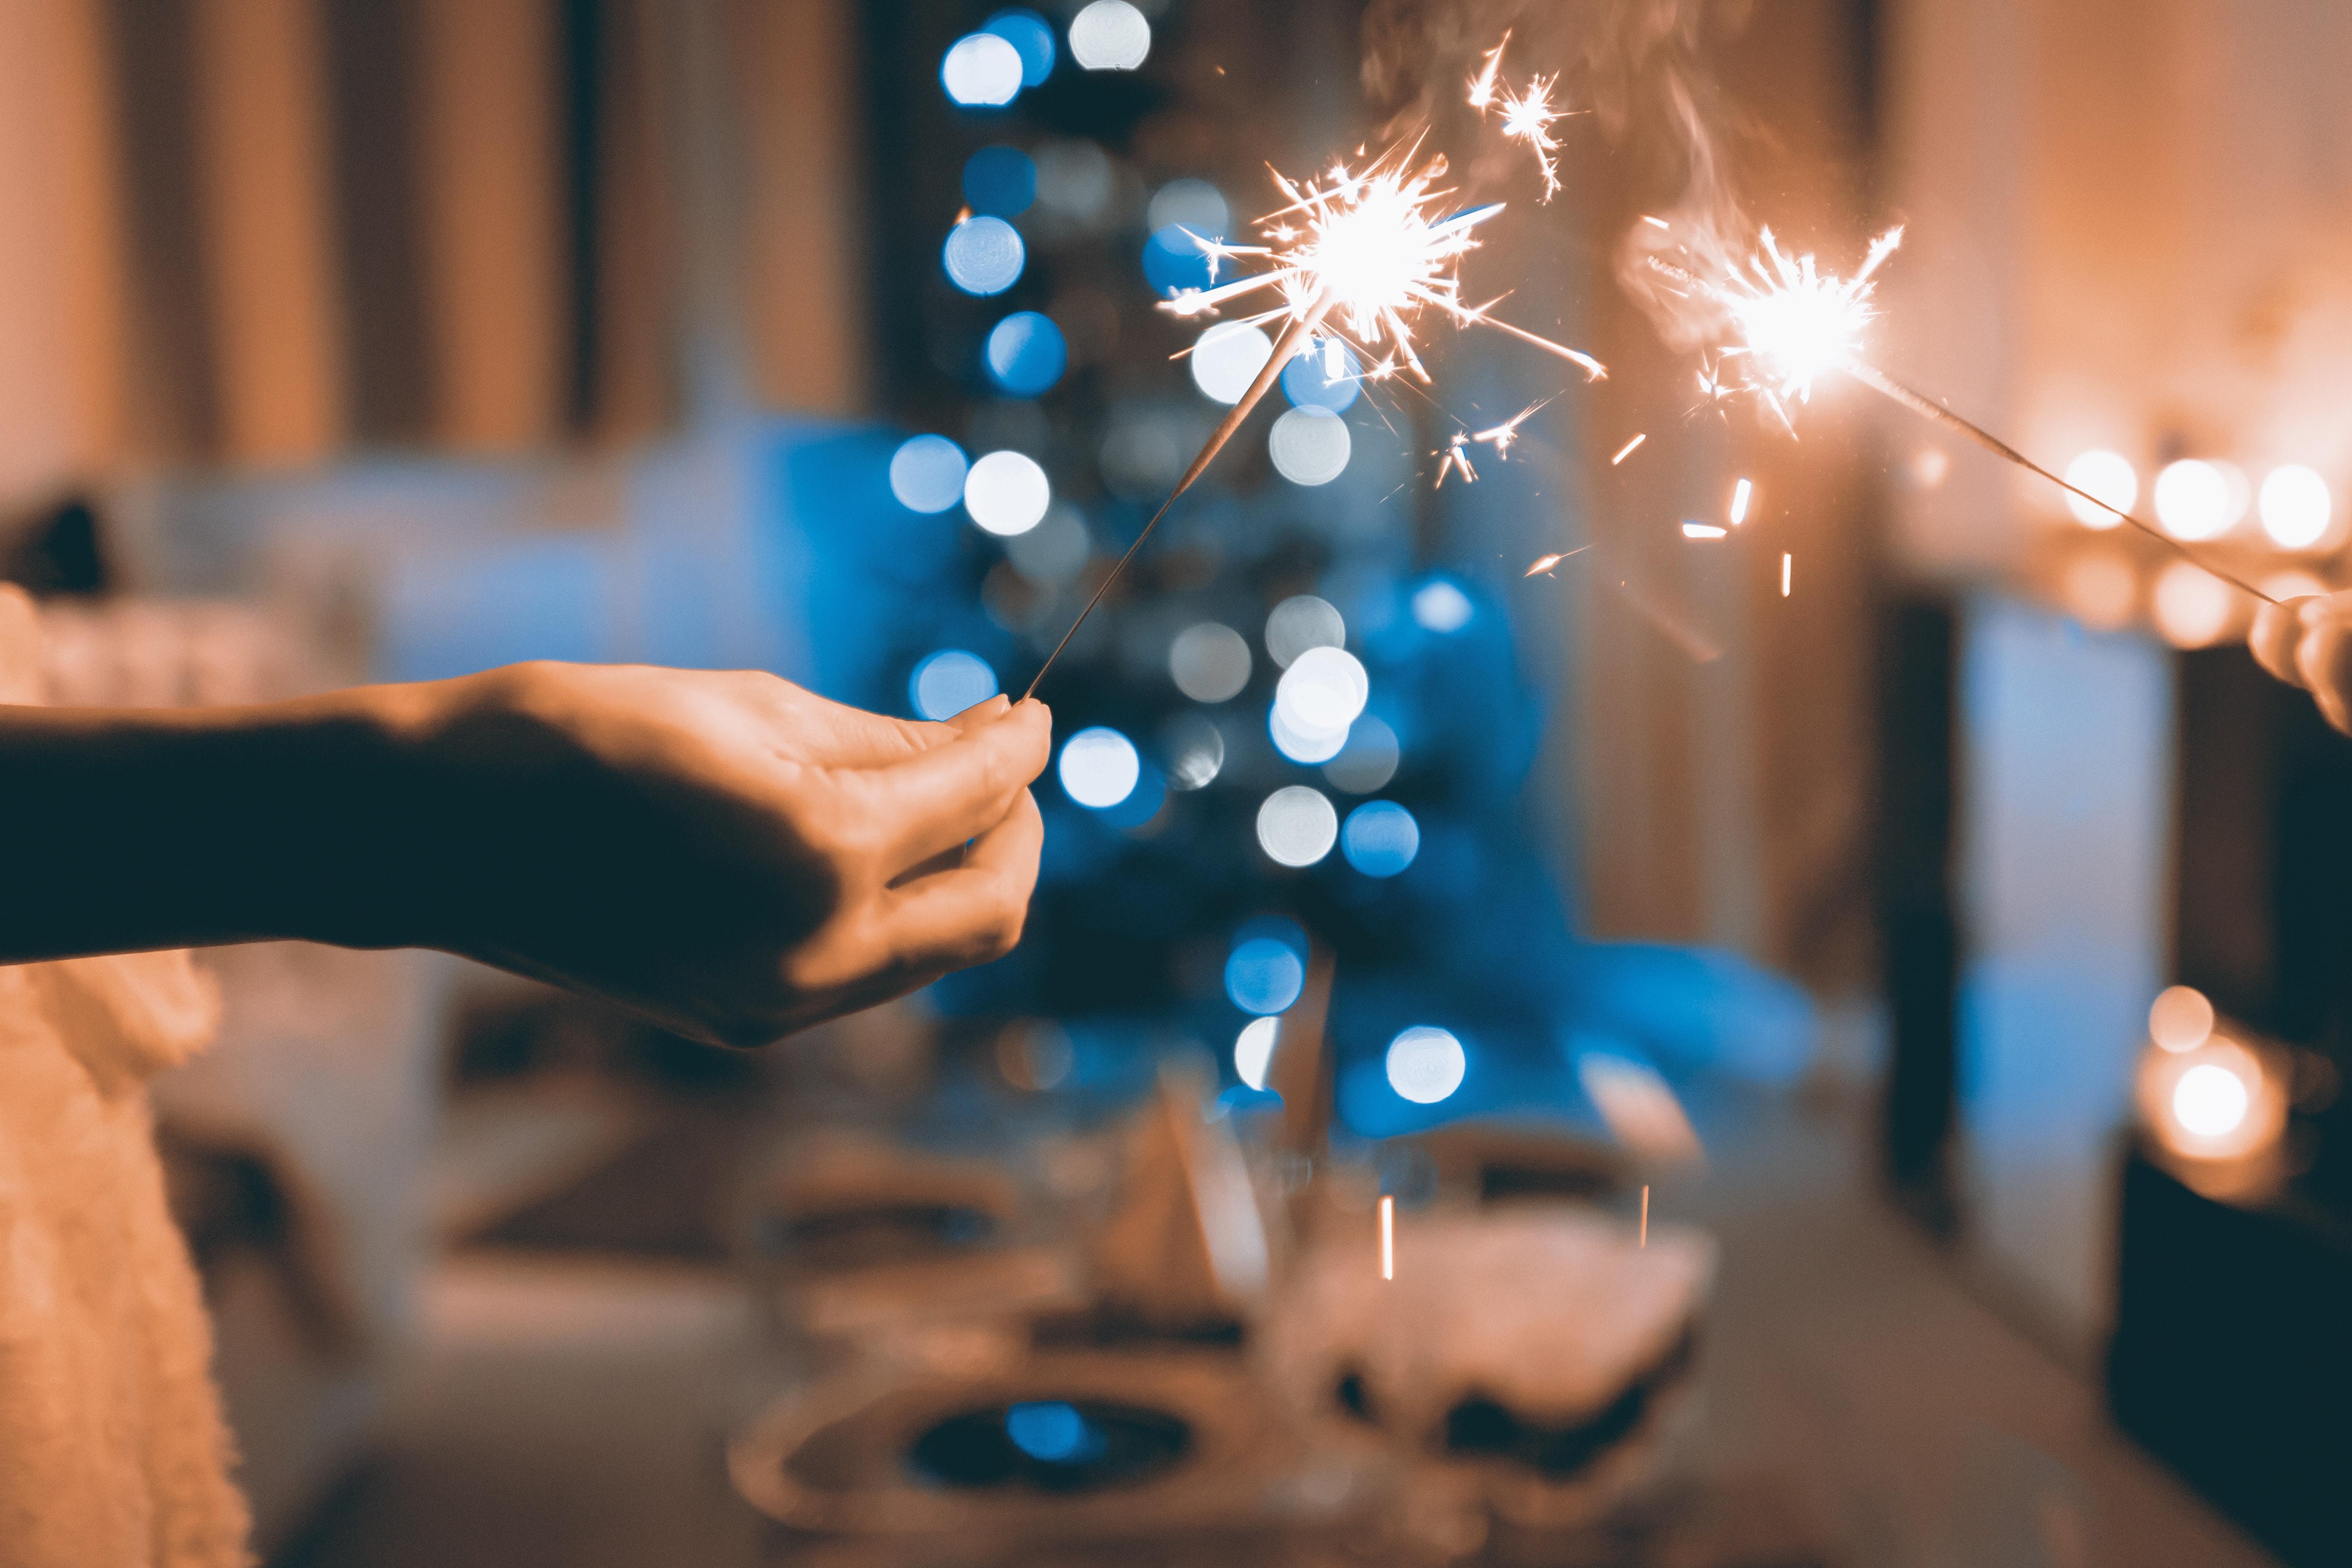 Moje postanowienia noworoczne: mniej, wolniej, lżej